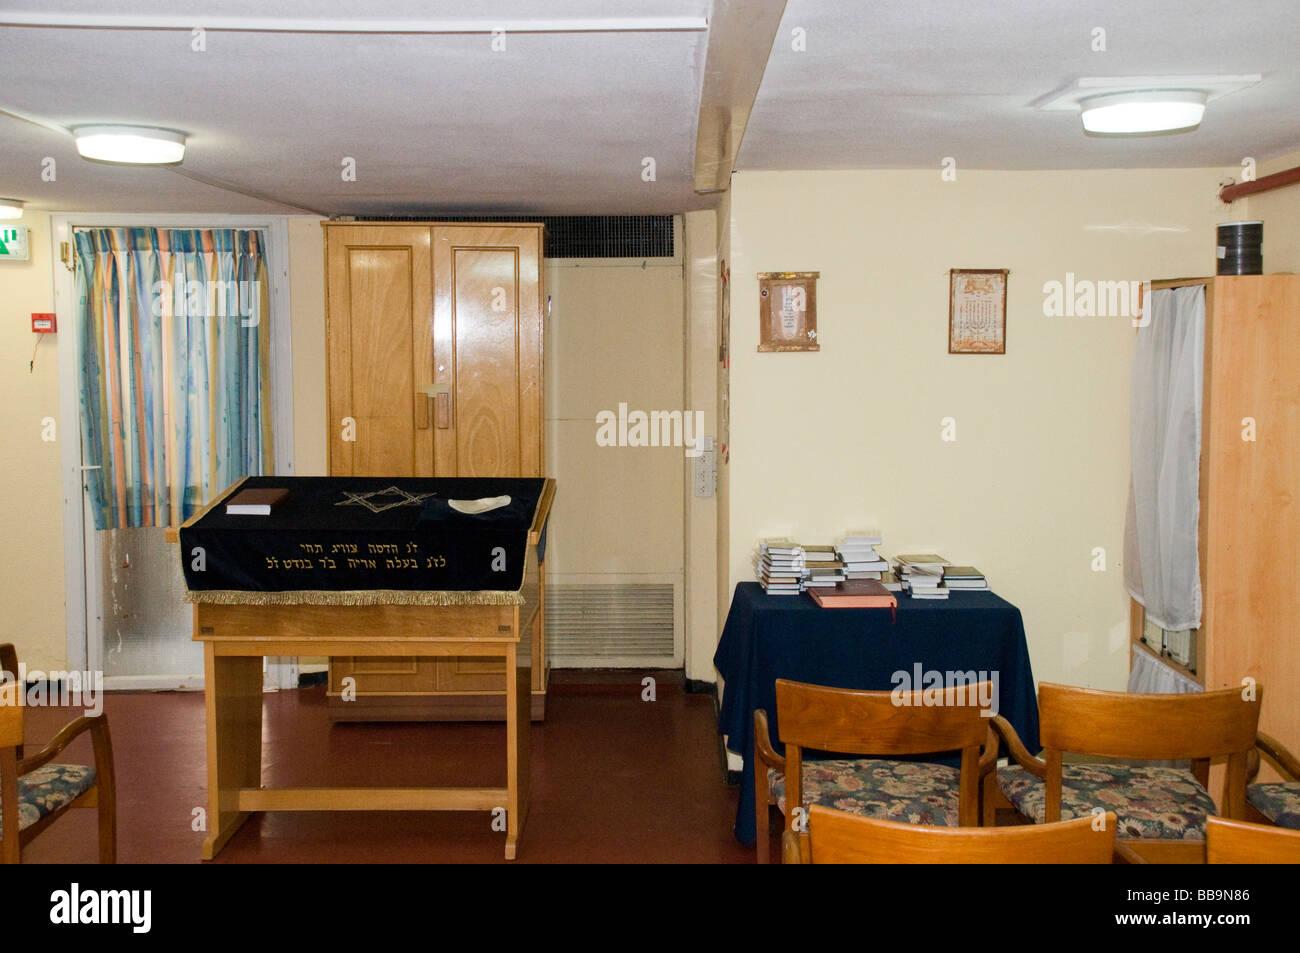 Interior of a Small Synagogue Nof Ginosar hotel Israel - Stock Image